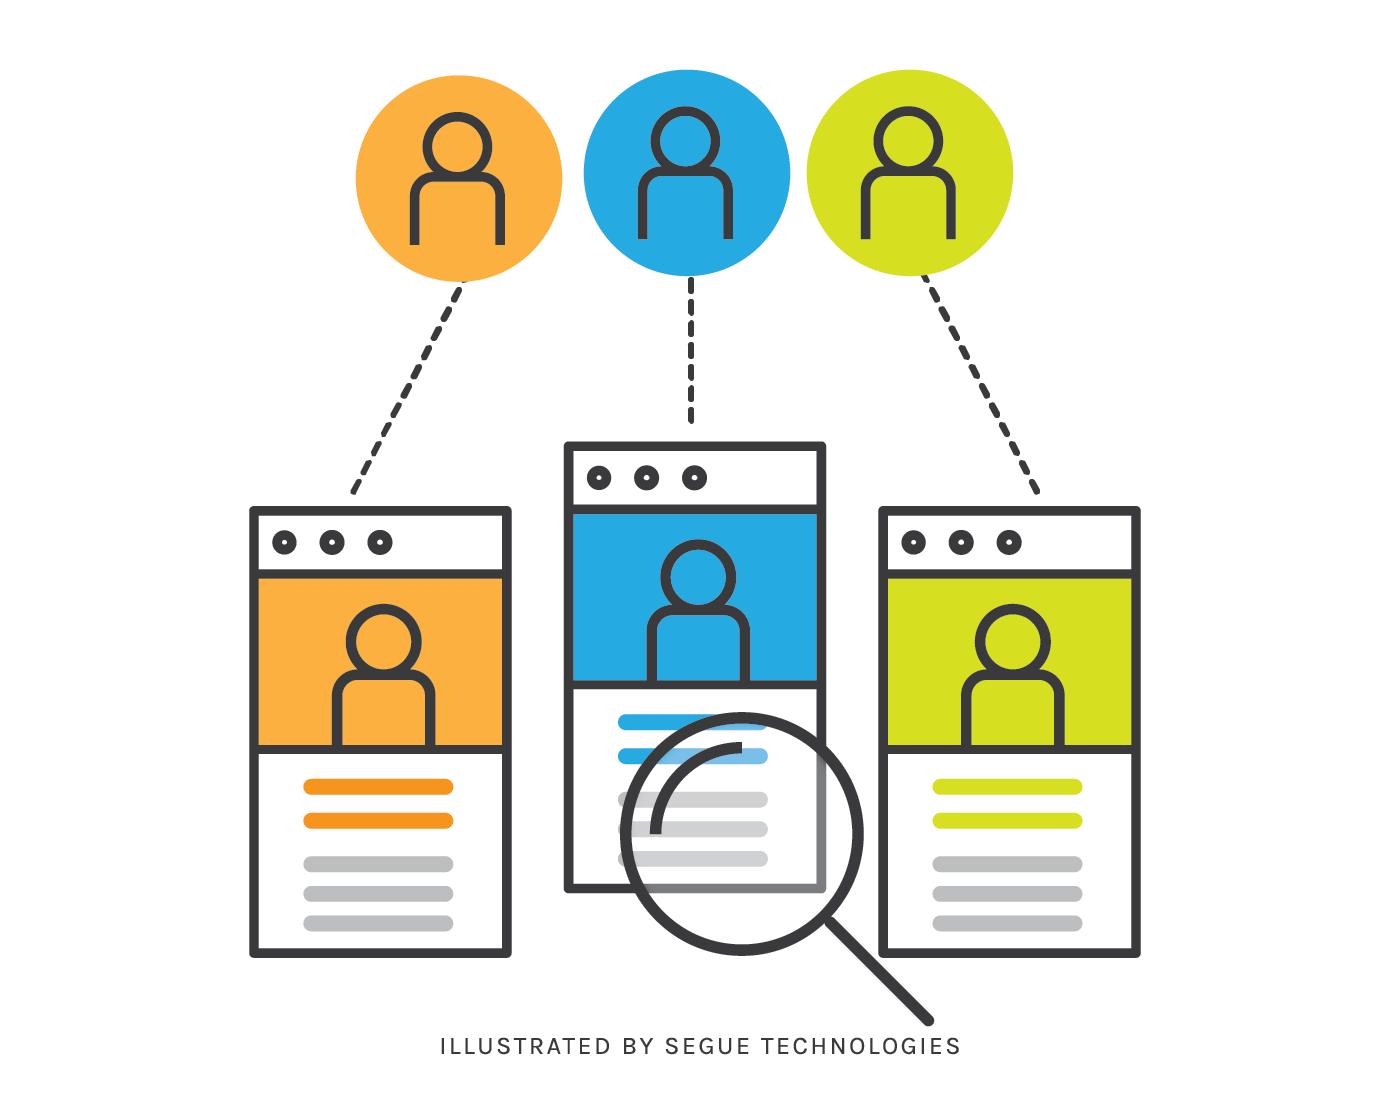 content prioritization in responsive design